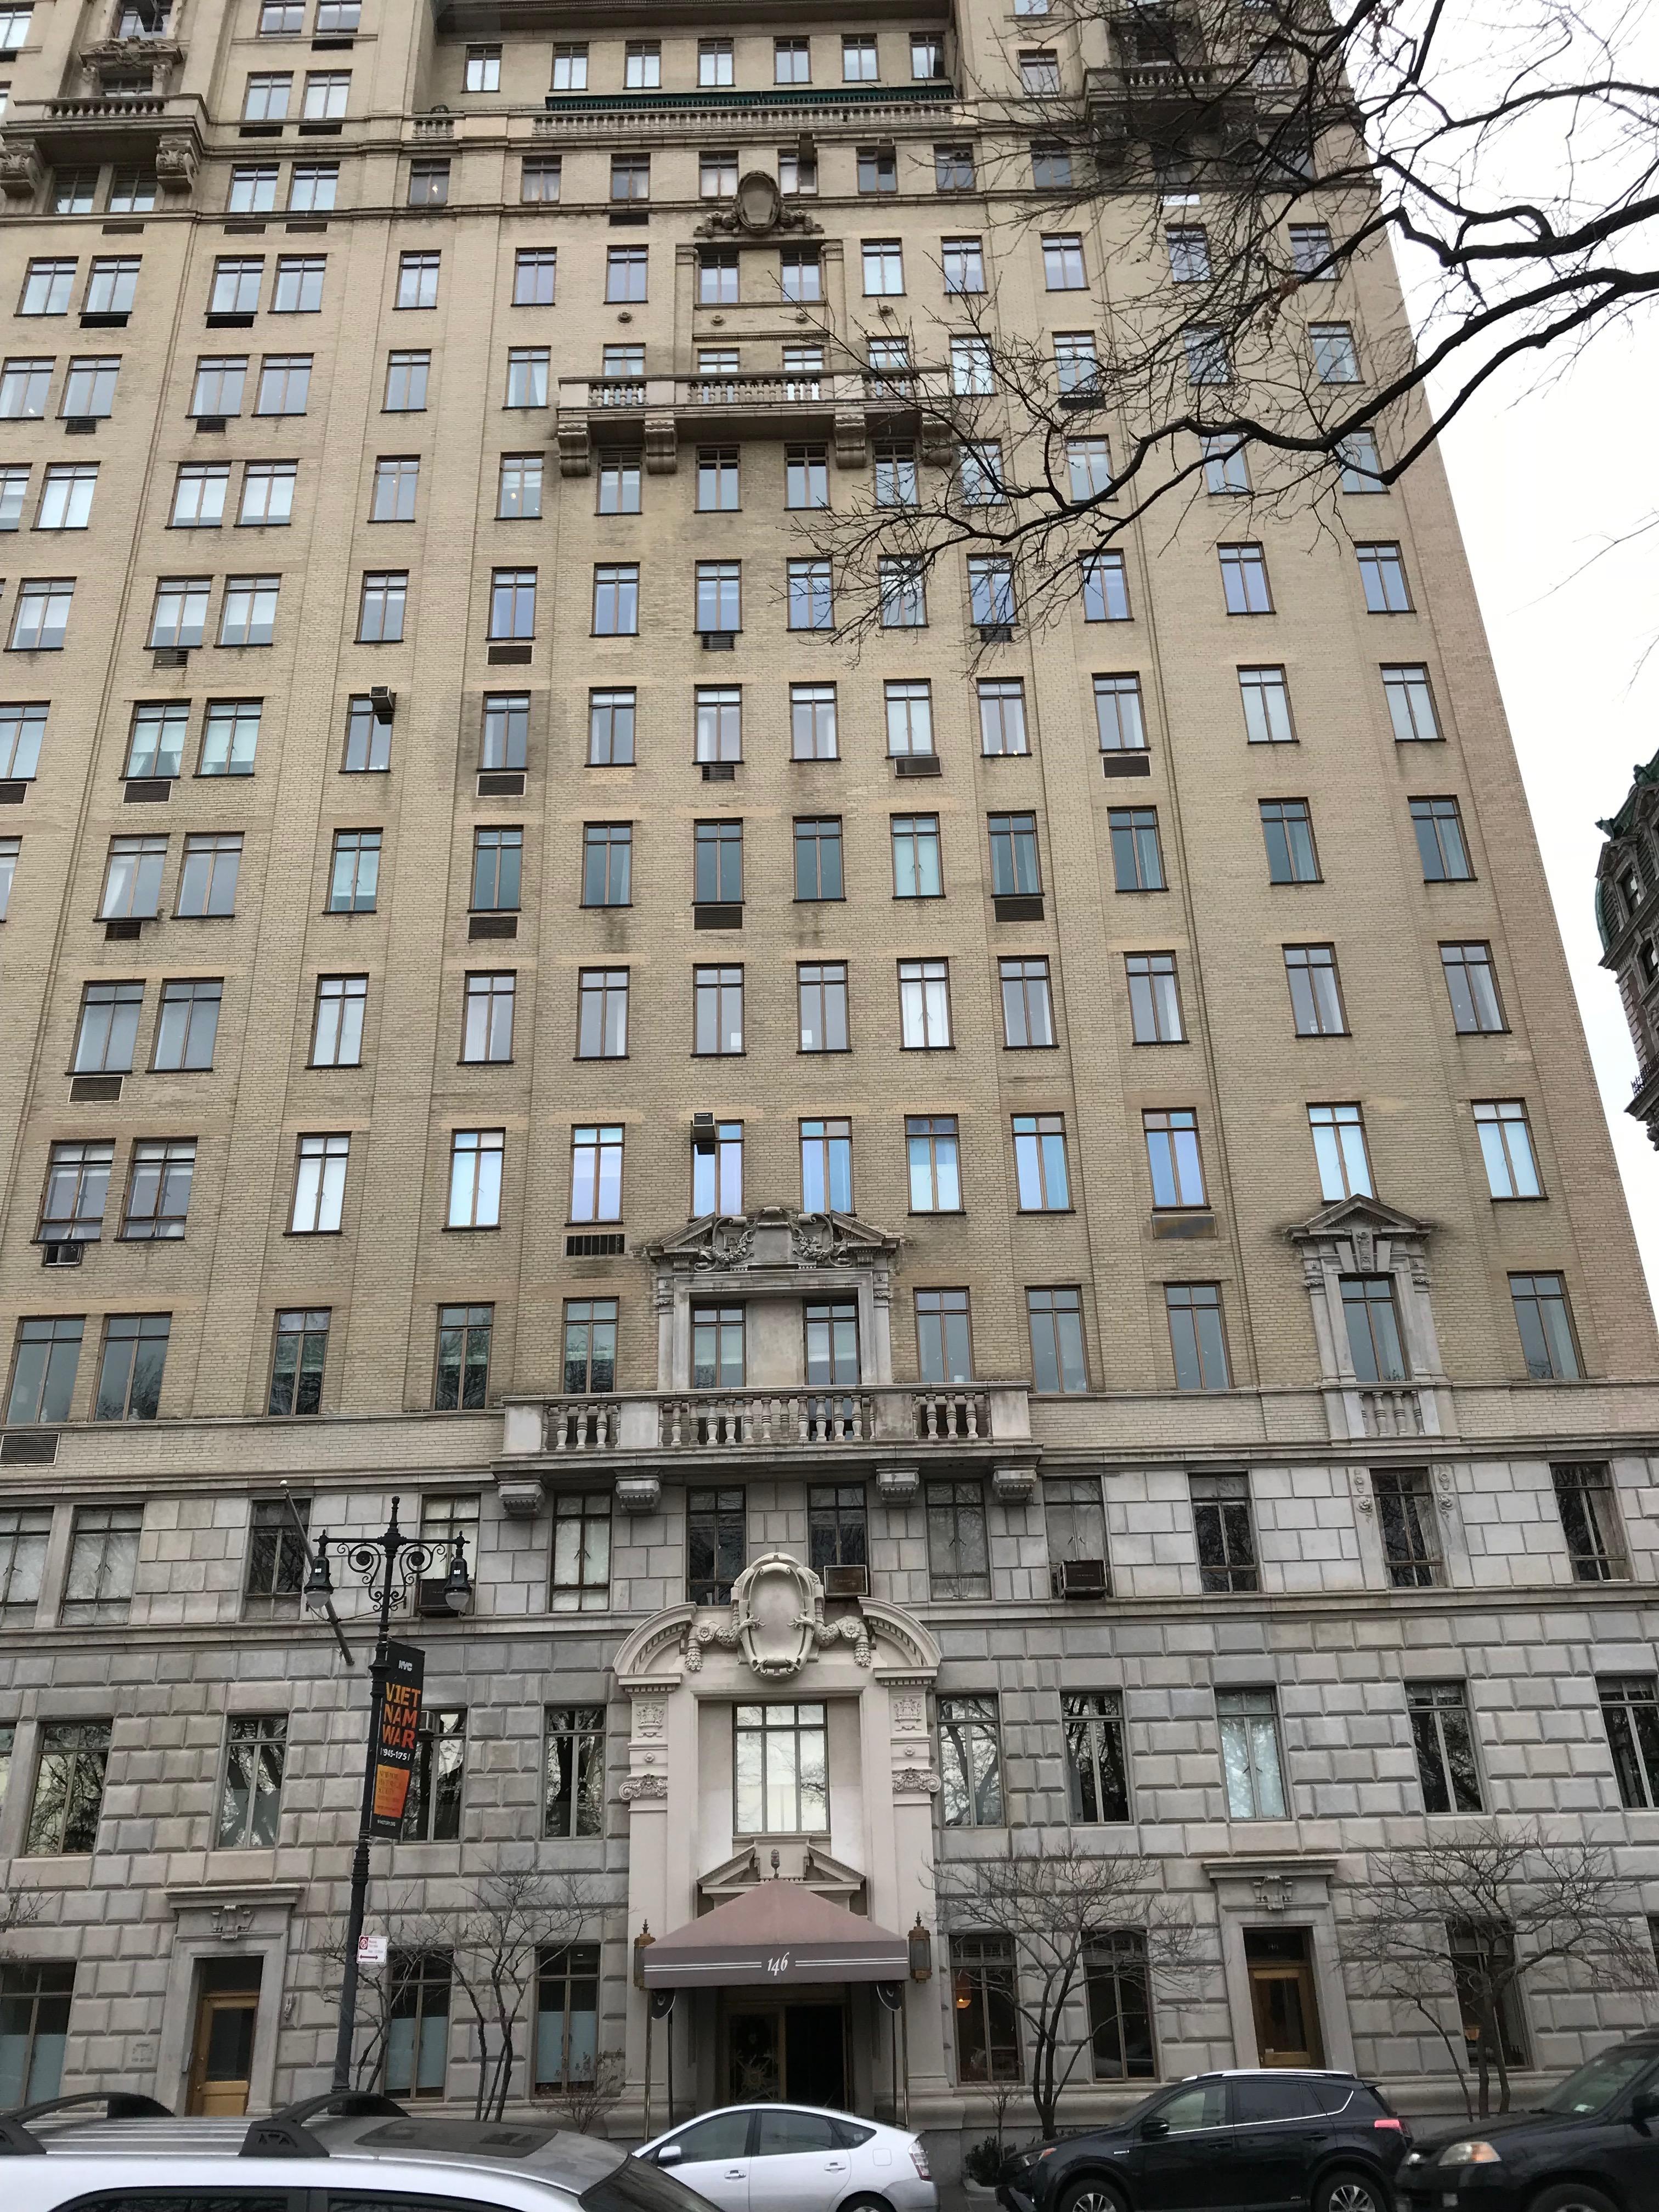 A building where Ilene Sackler Lefcourt has an apartment overlooking Central Park. (DCNF/Ethan Barton)